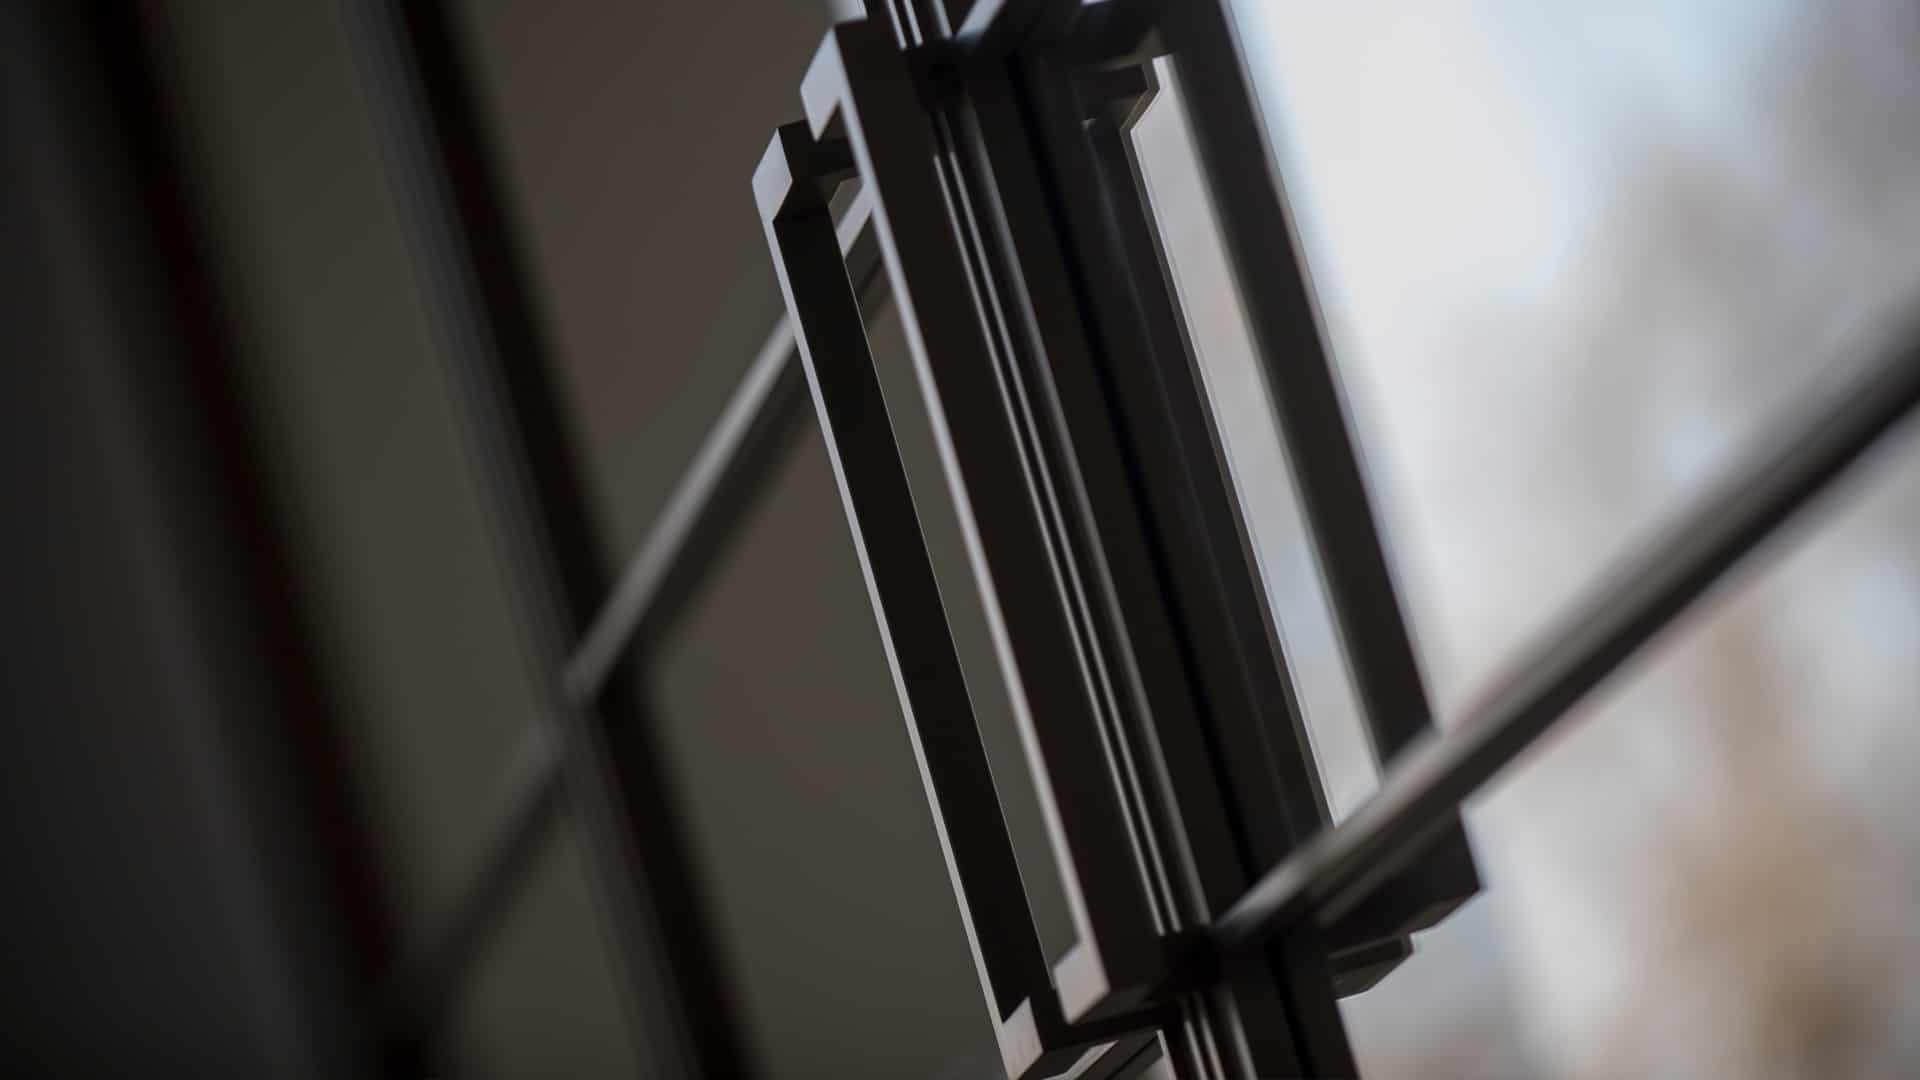 Taatsdeur - Plan Effect - TWIN DOORS